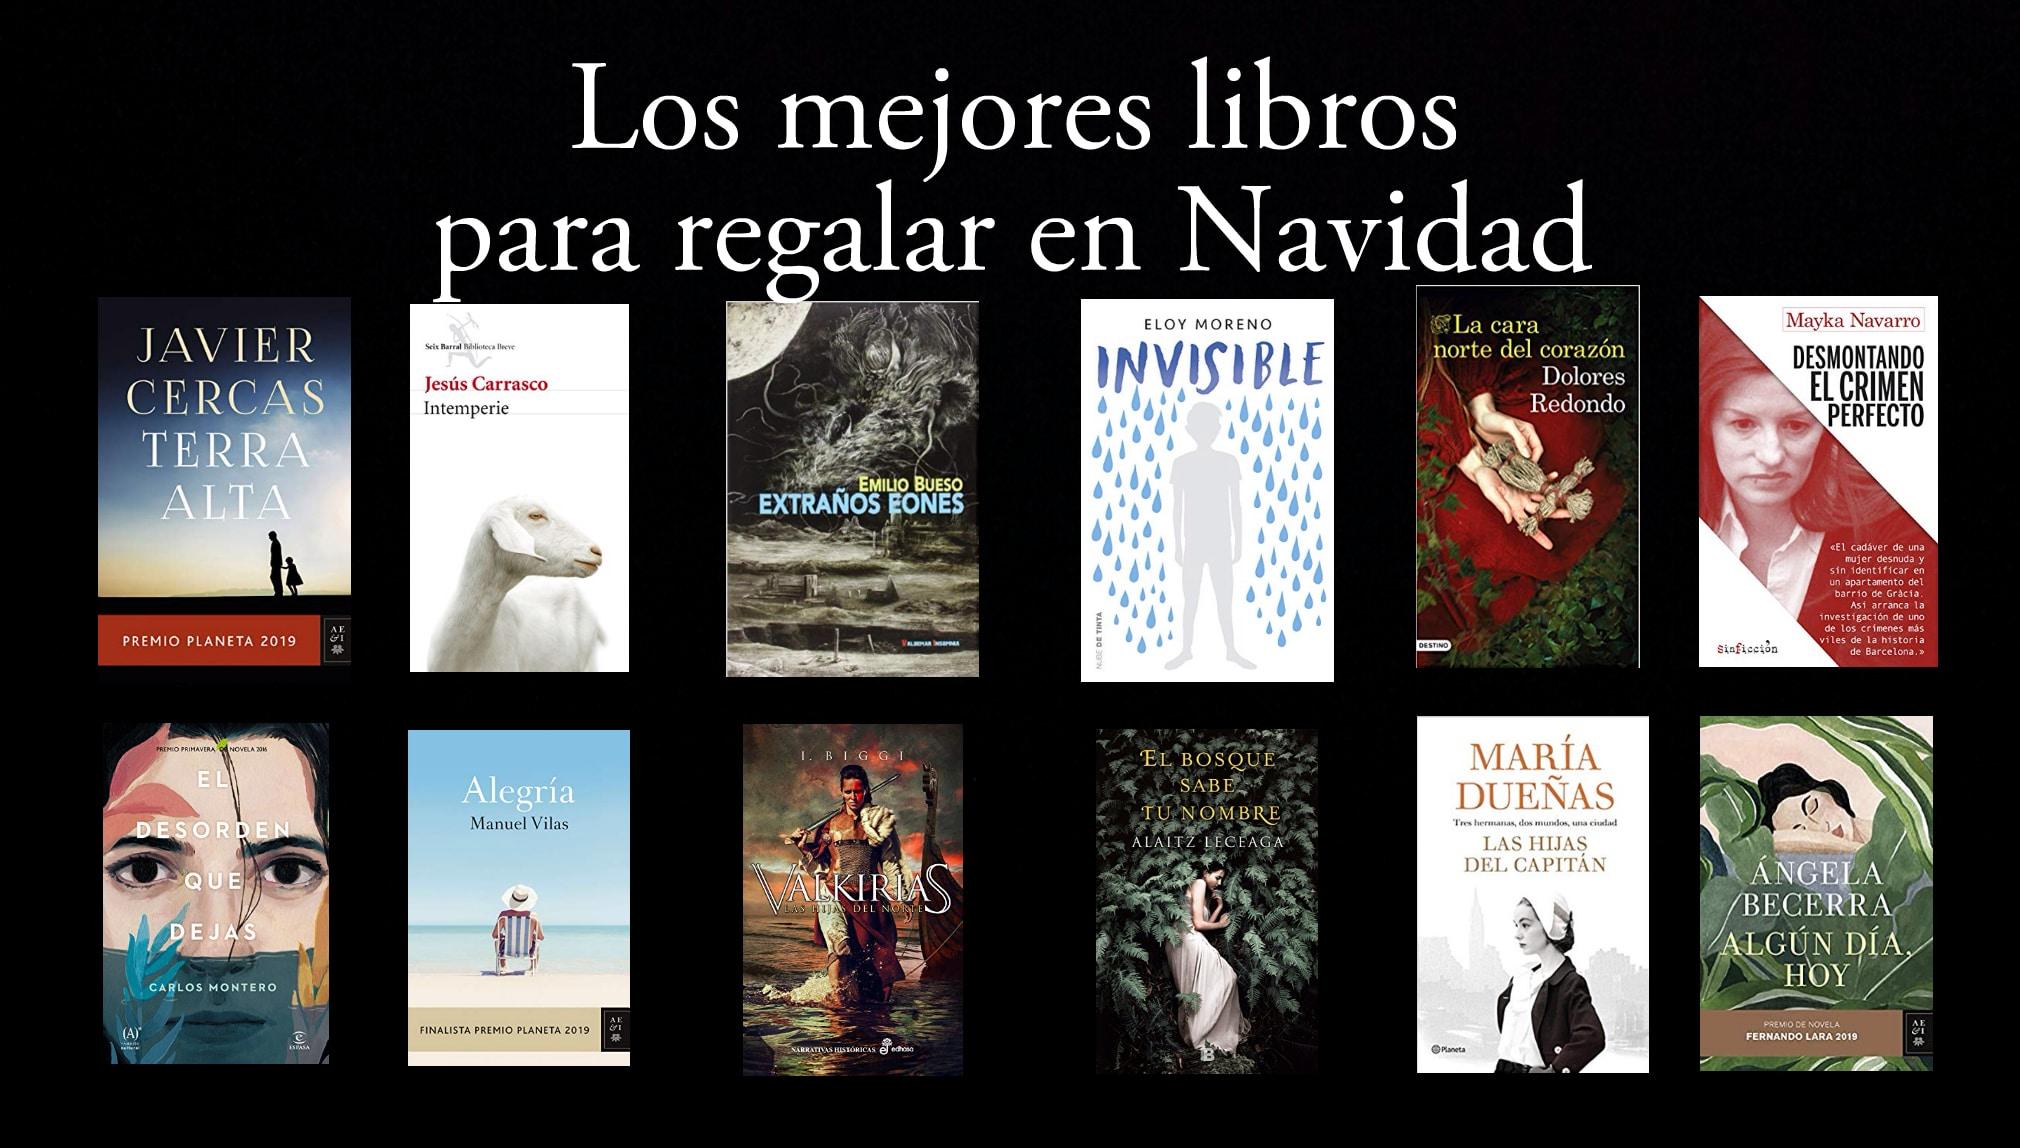 Los mejores libros para regalar en Navidad.